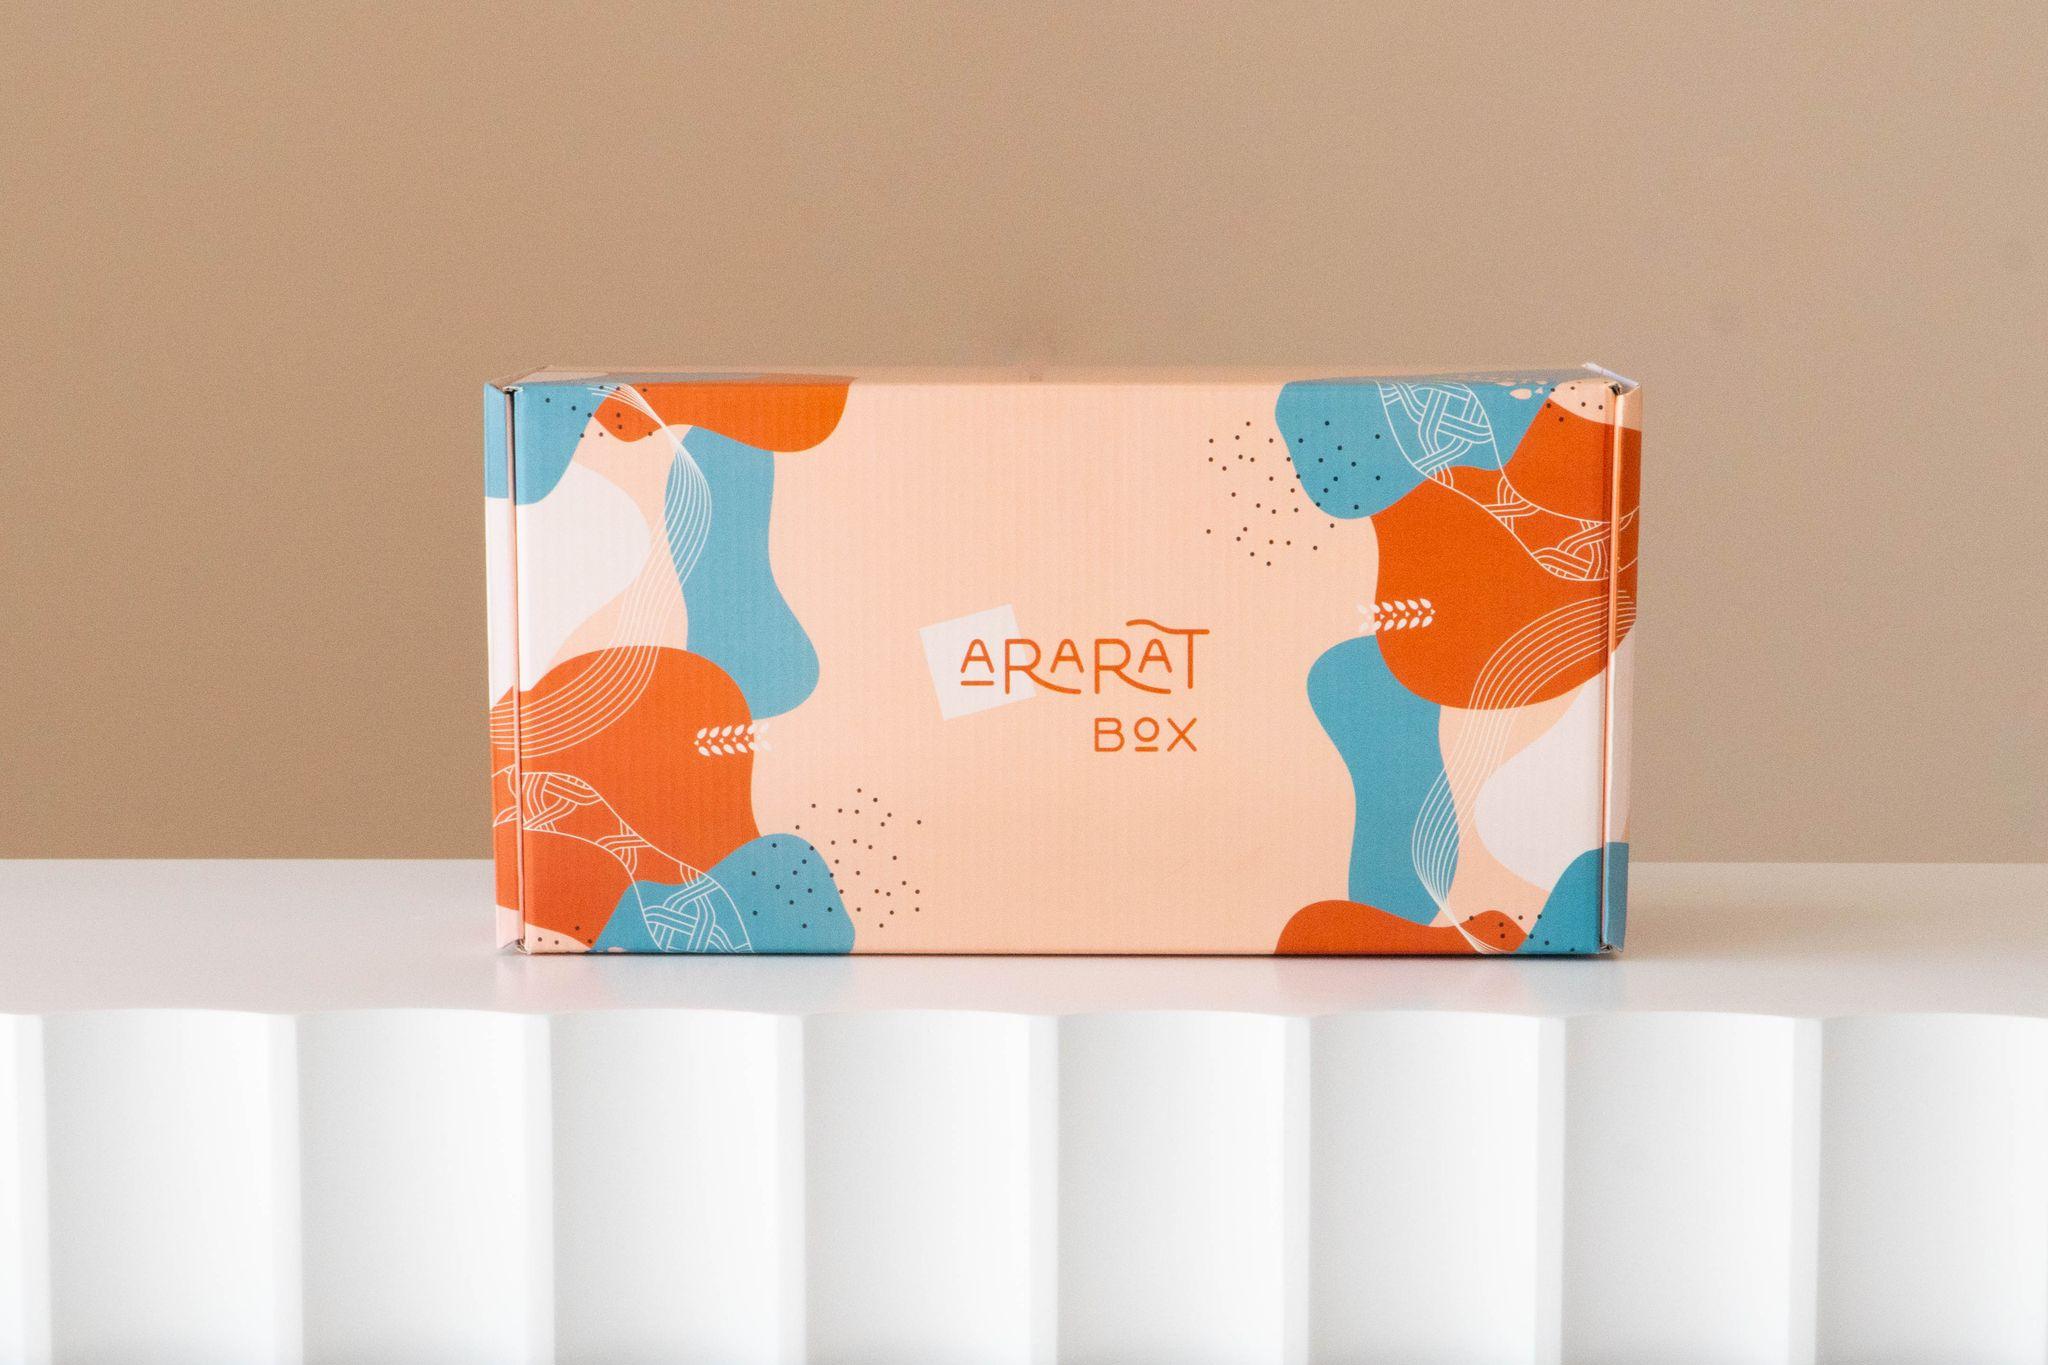 Ararat Box 2KG Subscription